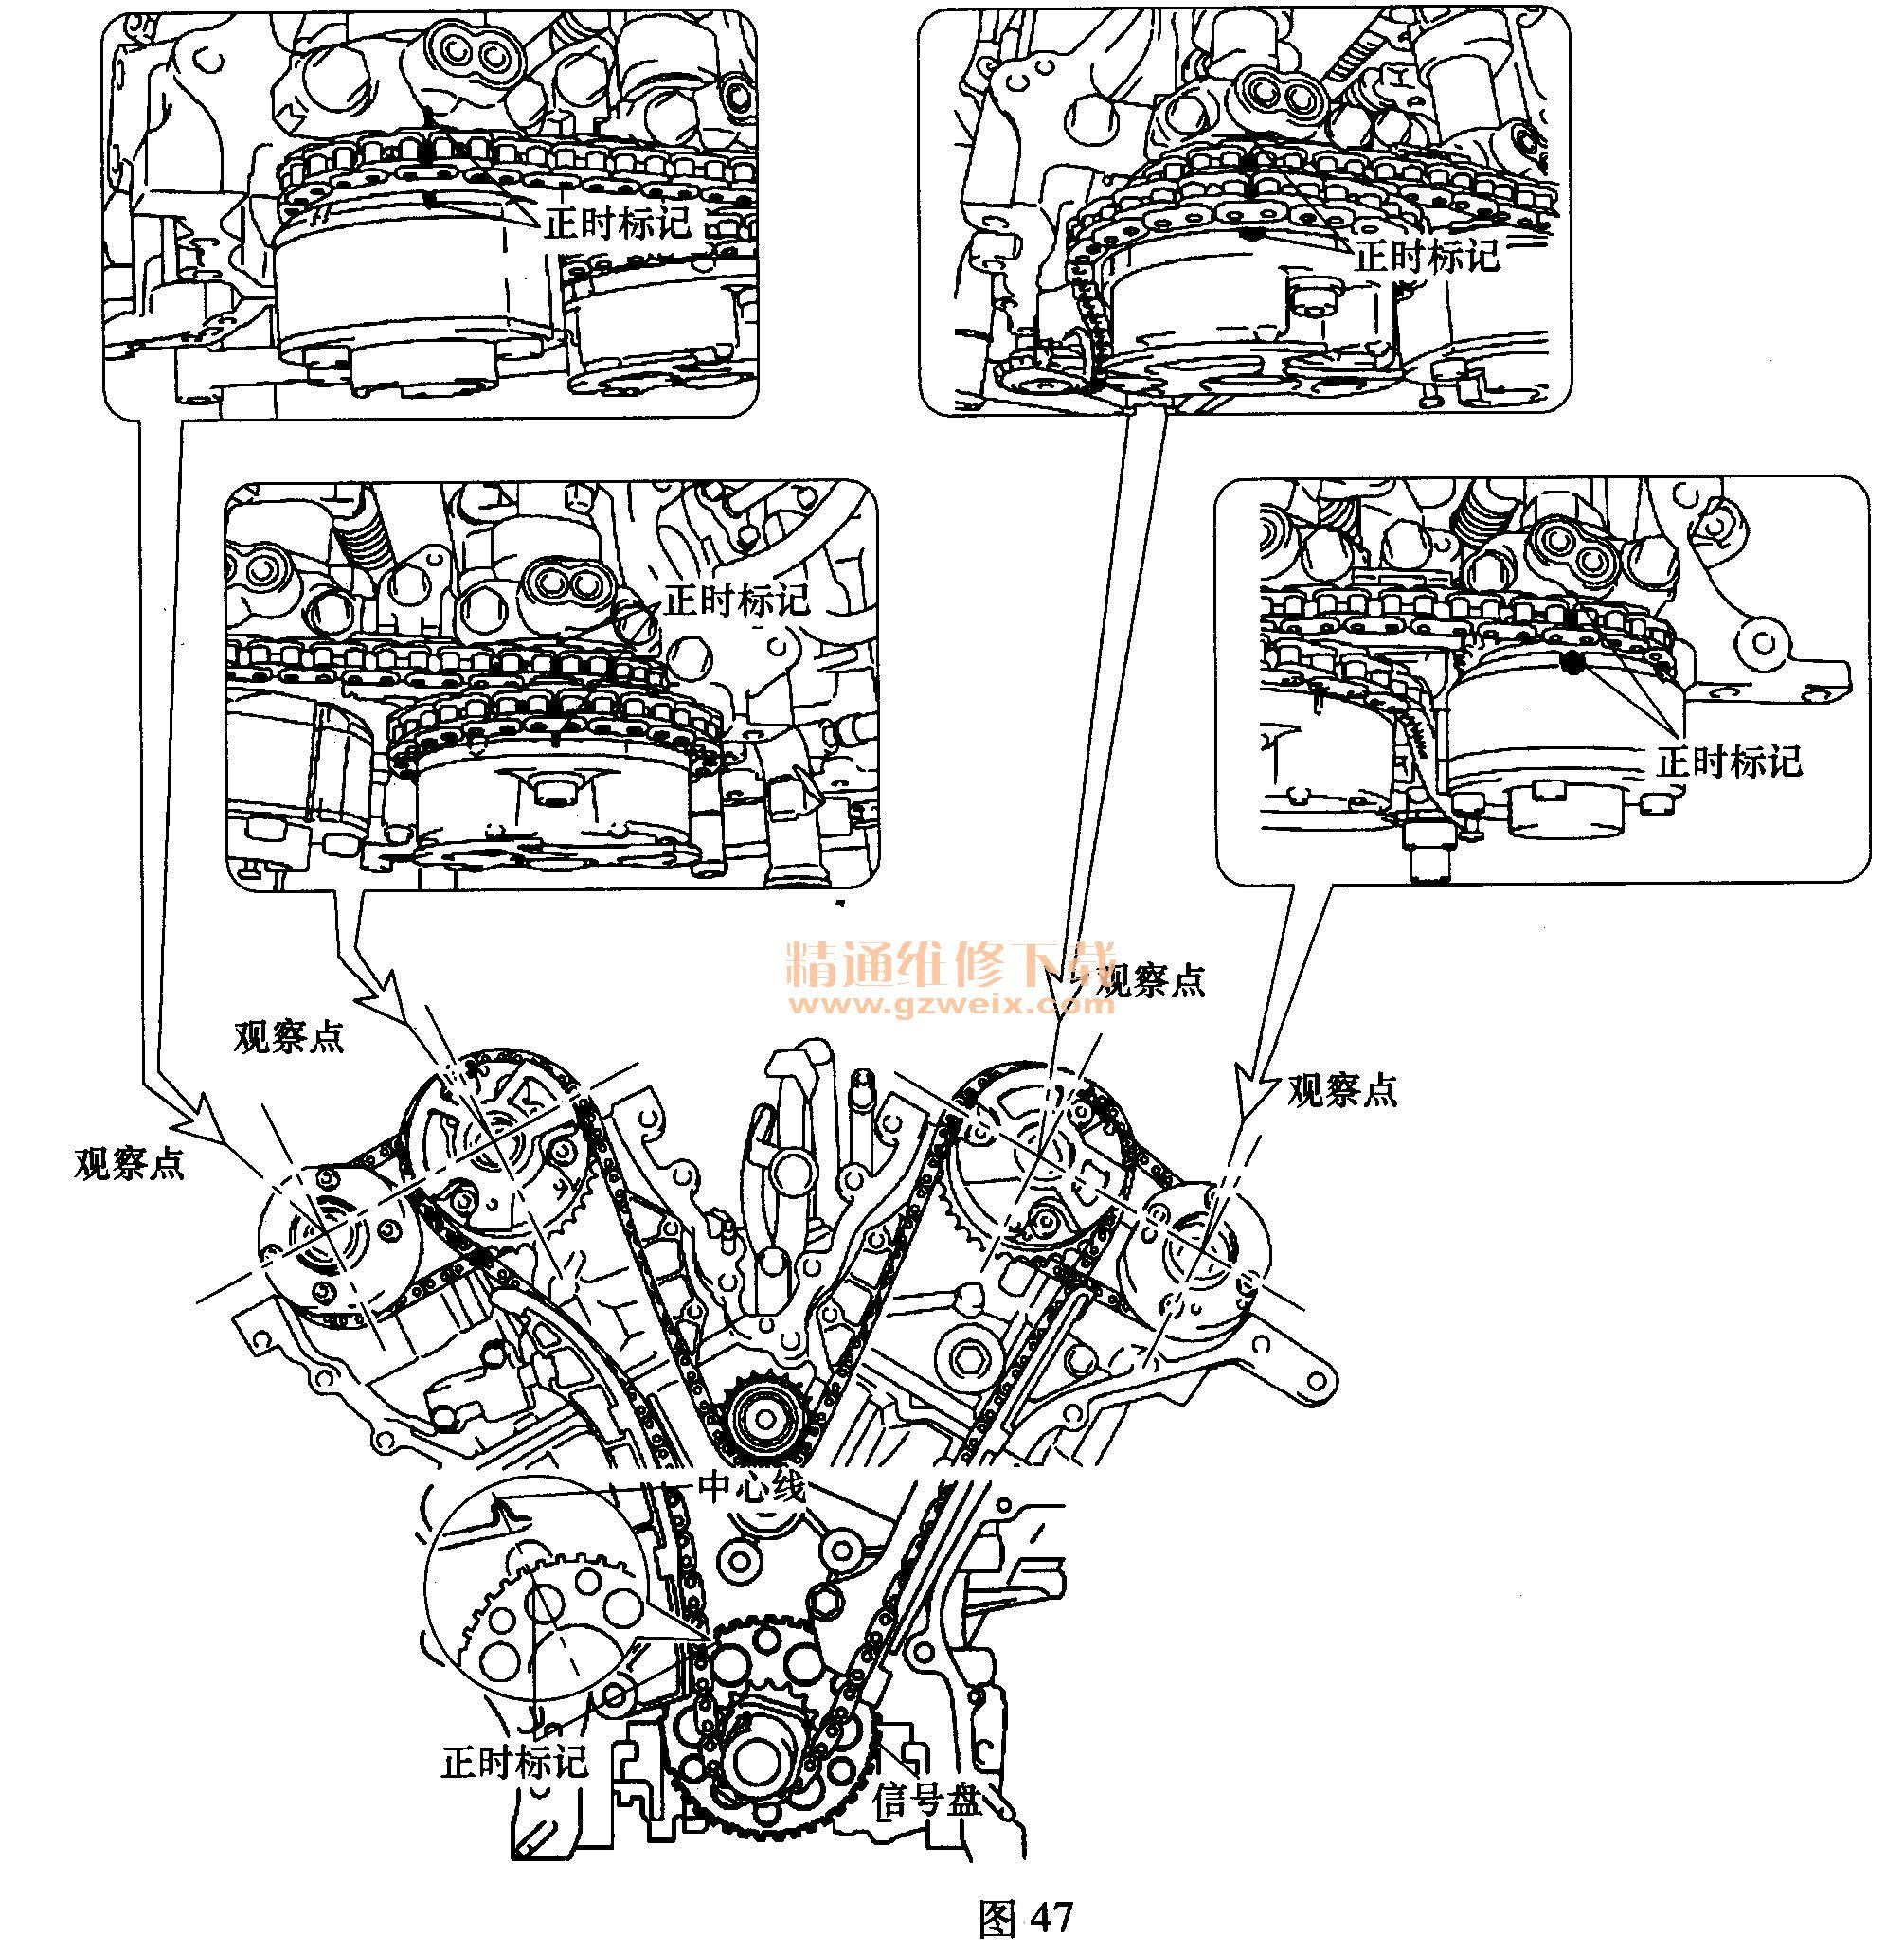 丰田 汉兰达 3.5l 2gr fe 发动机 正时 校对方法 高清图片